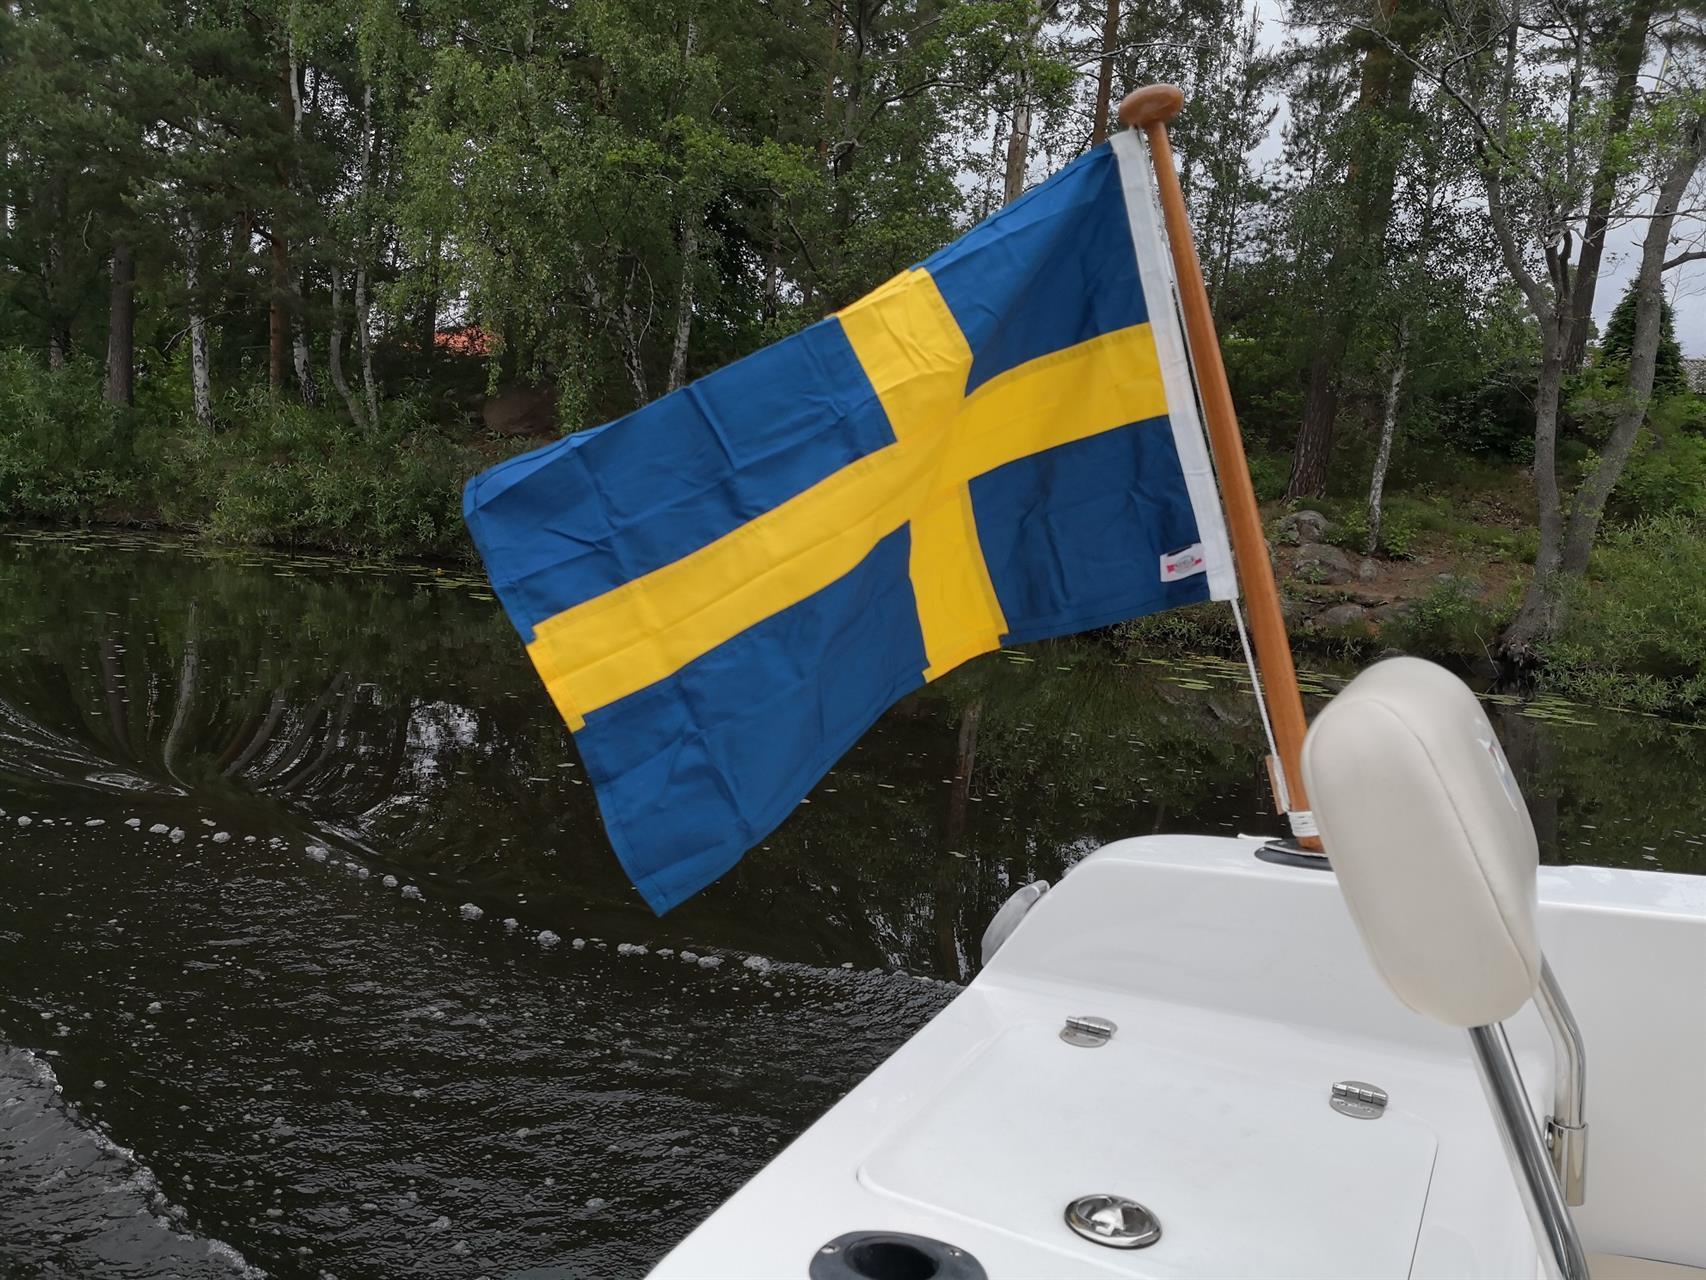 Önskar er härliga båtutflykter!